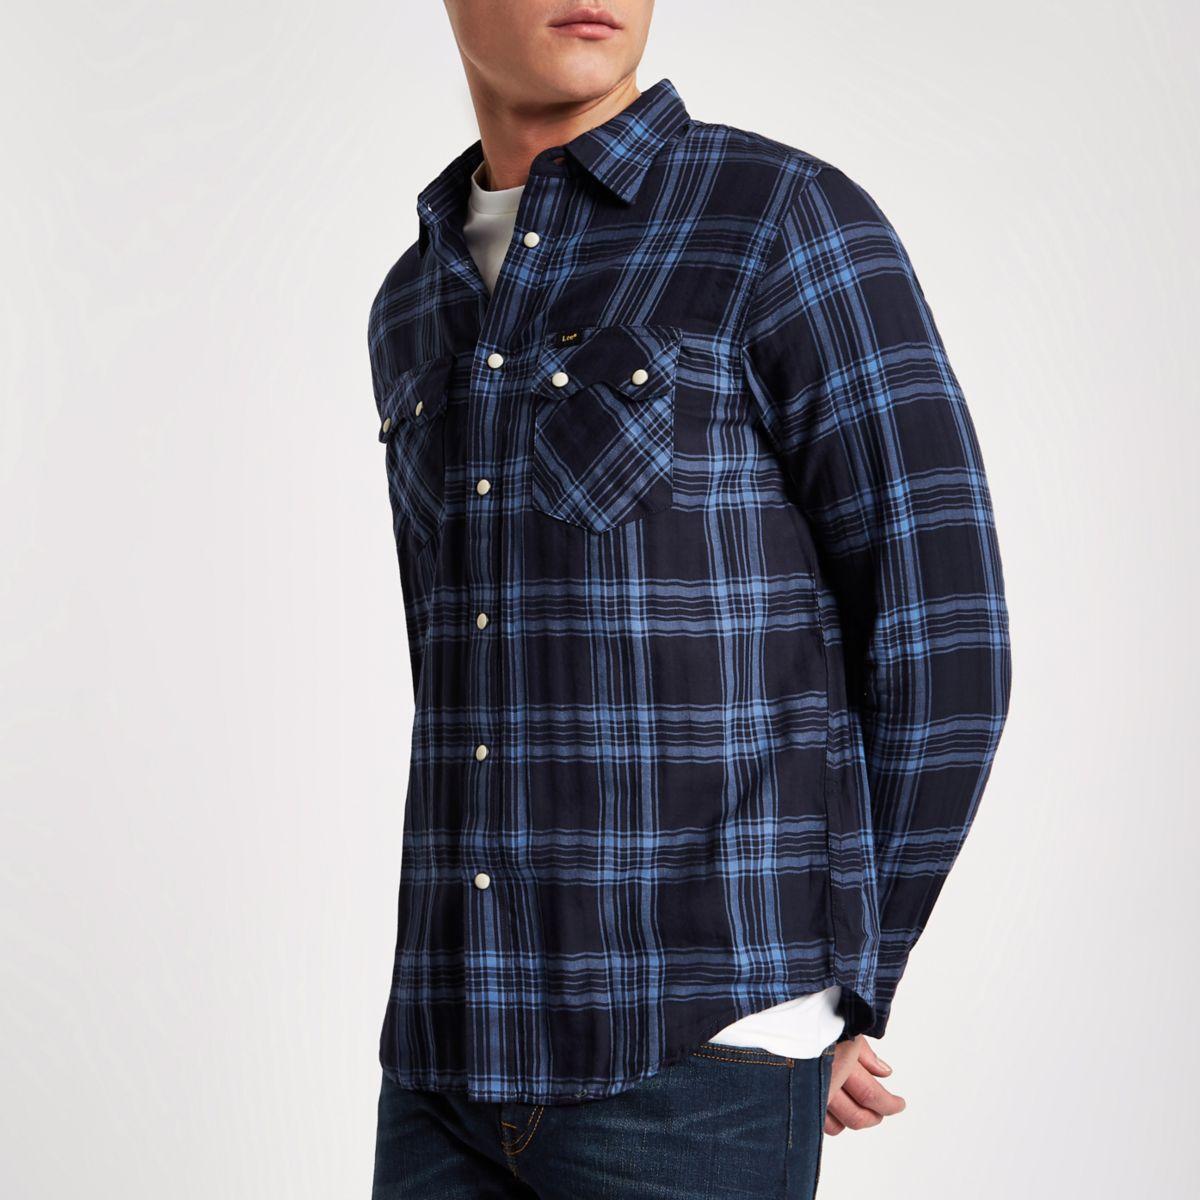 Lee - Blauw geruit oxford overhemd met lange mouwen